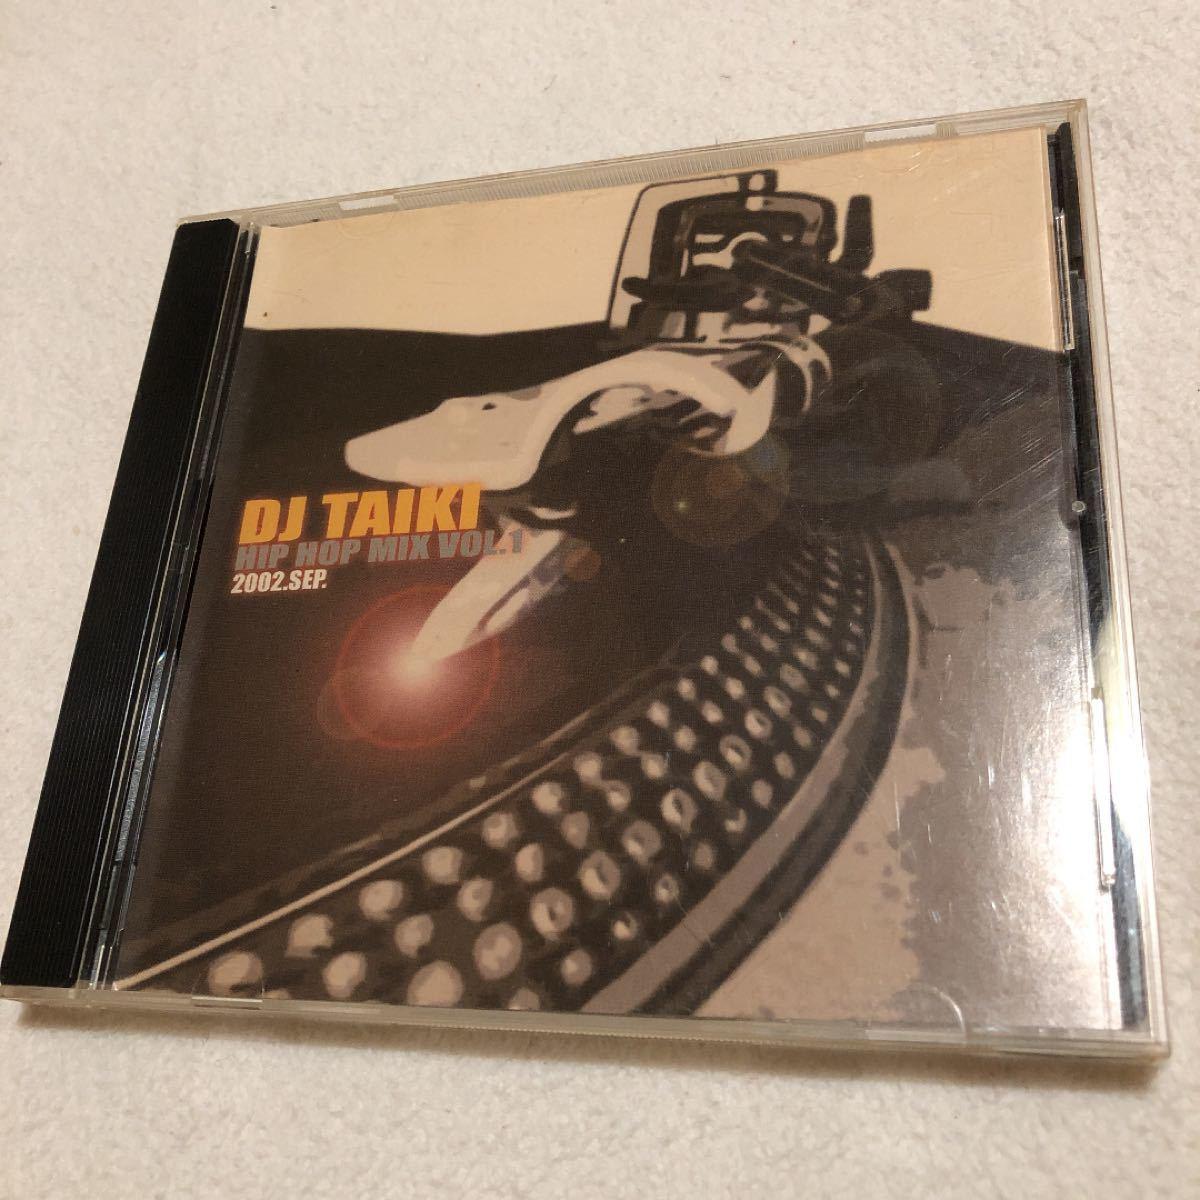 【CD】DJ TAIKI  HIPHOP MIX Vol.1 2002.SEP.